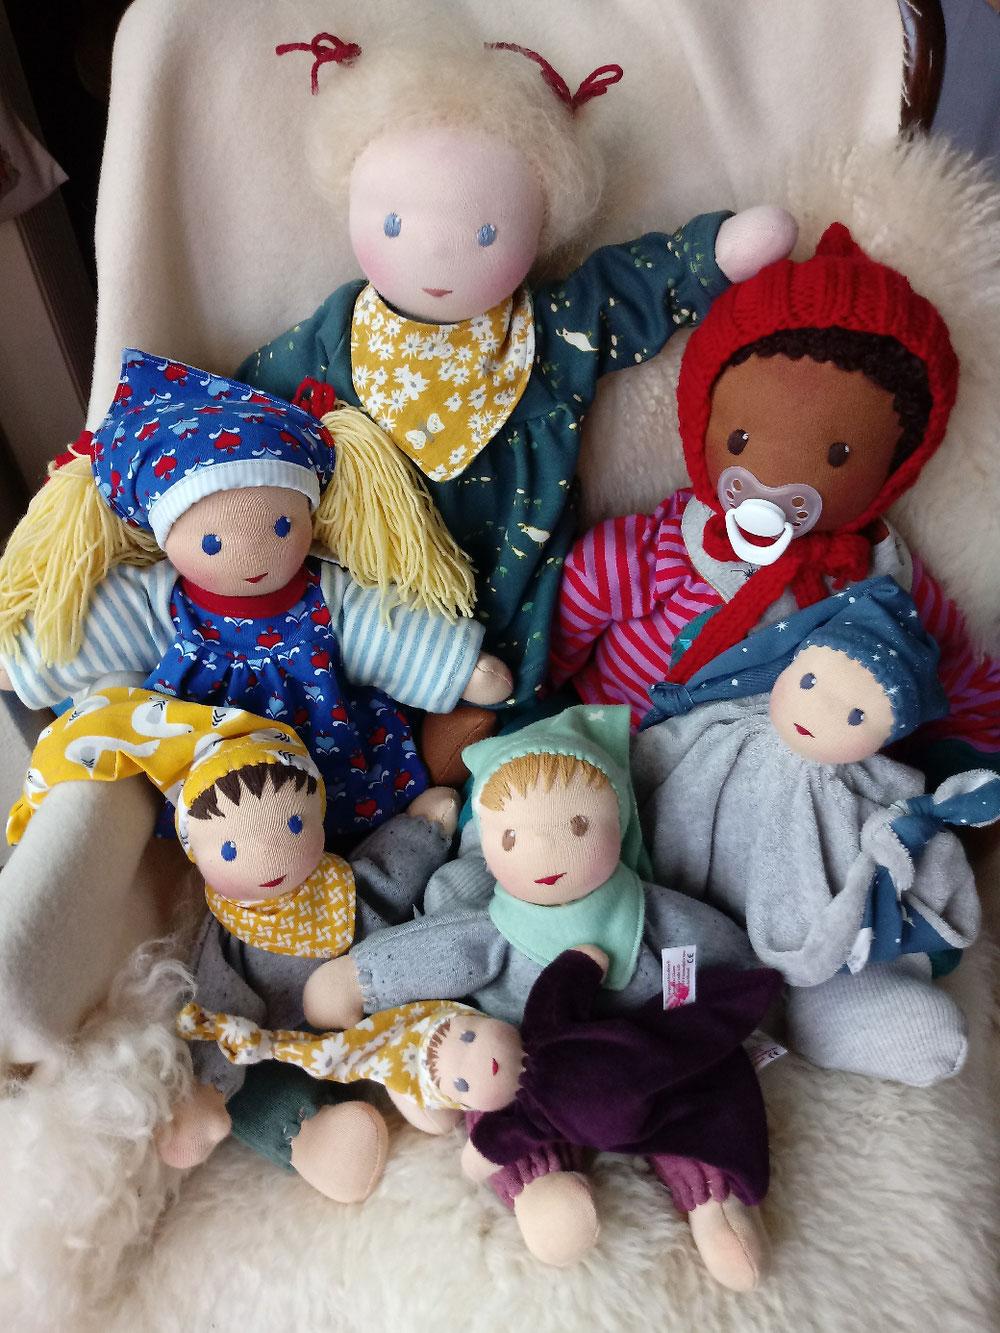 handgefertigte Stoffpuppe, handgemacht, Bio, Handarbeit, Wunschpuppe, individuelle Puppe, passend zum Kind, Puppenhandwerk, schwarze Puppe, unisex Puppe, genderneutral, Empowerment, Naturmaterial, ökofairliebt, bio-fair, Puppenfreund, Puppe fürs Leben